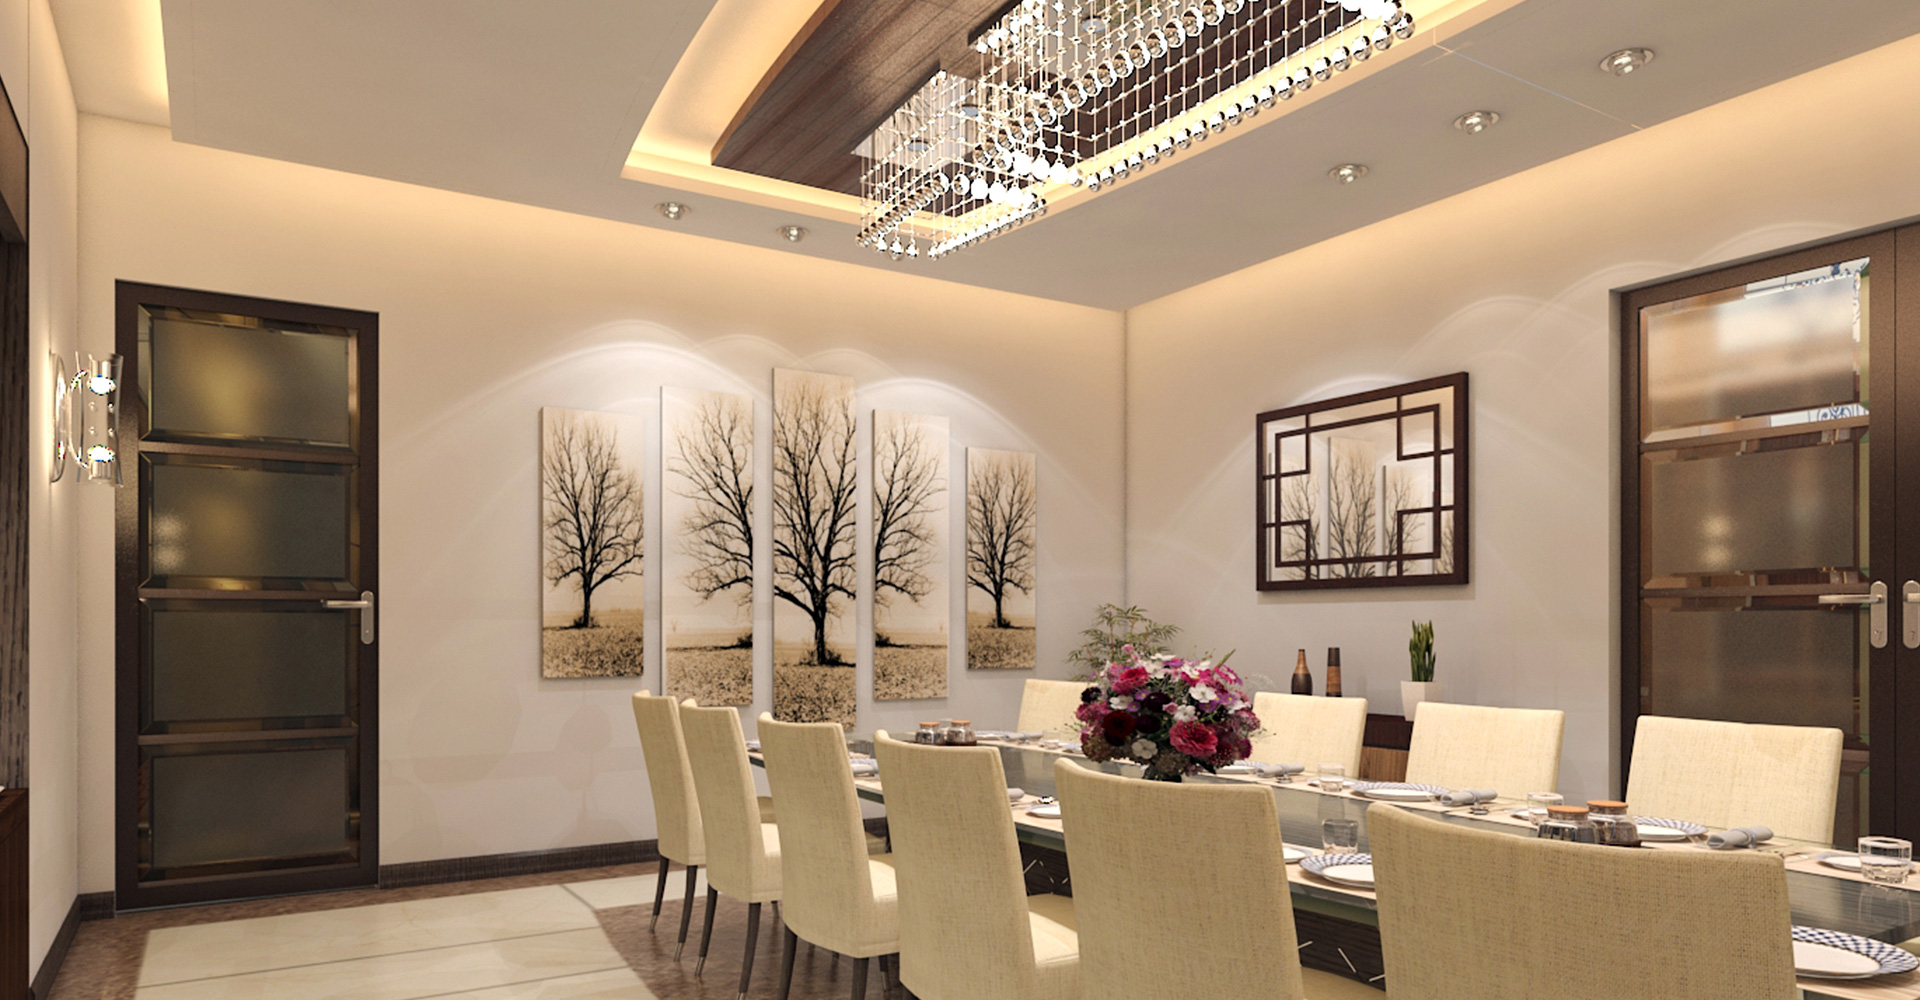 Residential-Interior-Design-Hiline-Lahore-portfolio-65J-DHA-EME-05 (57)